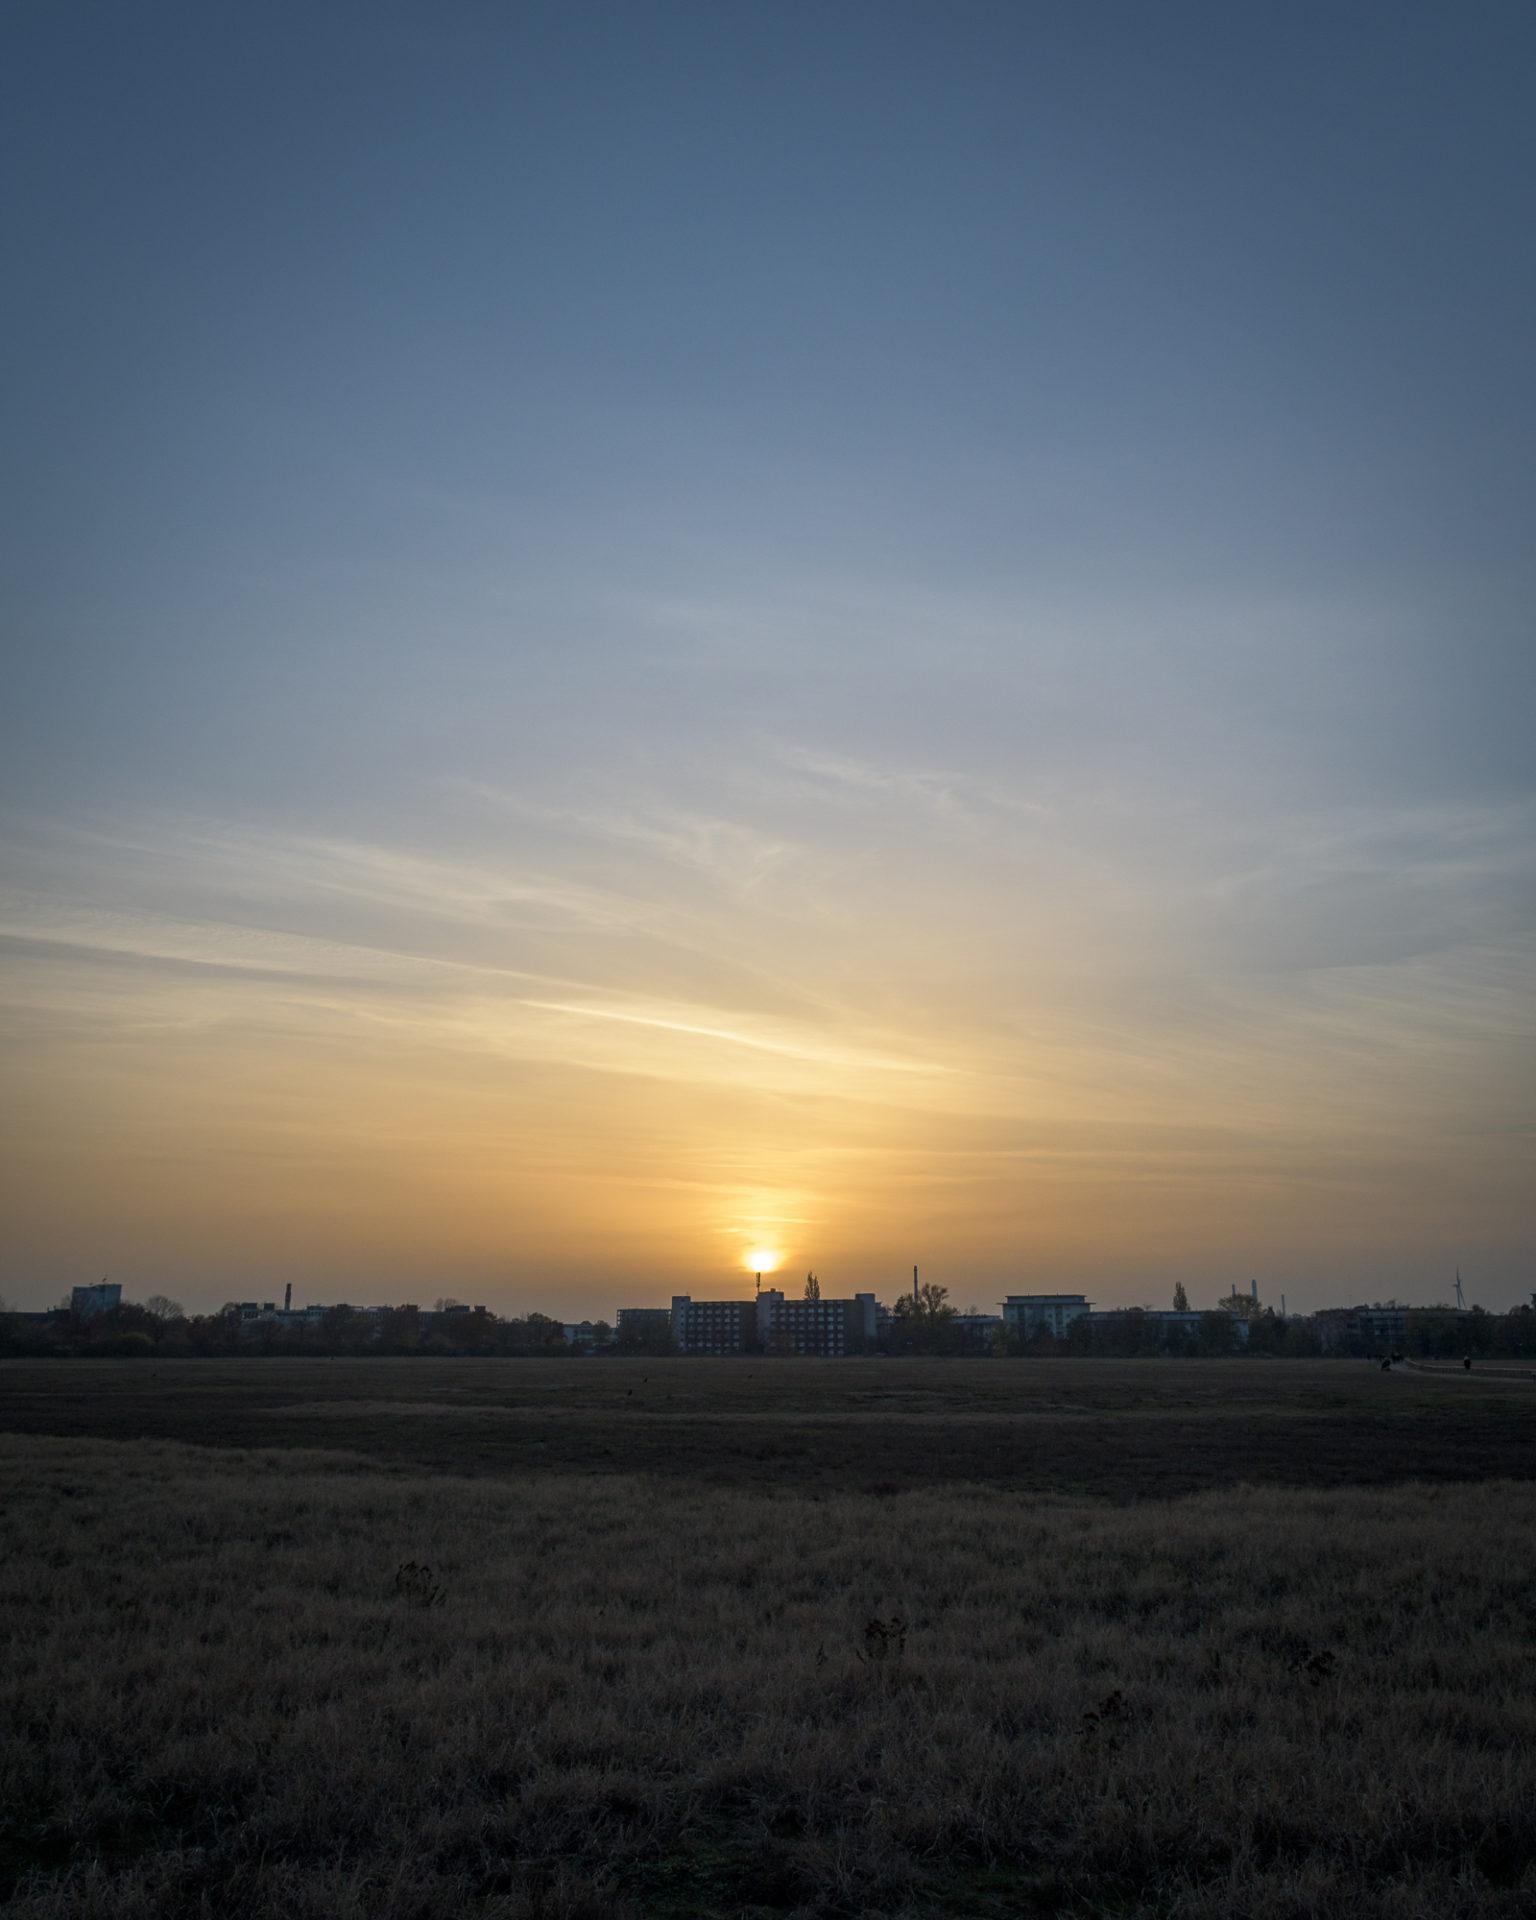 Aufnahme von Sonnenuntergang am Alten Flutplatz in Karlsruhe